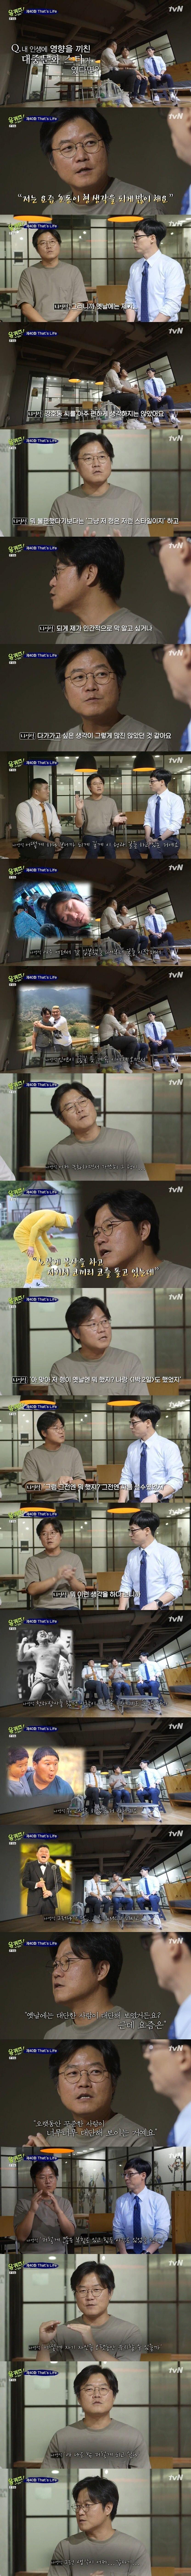 5.jpg 나영석 pd 인생에 가장 영향을 끼친 연예인...jpg